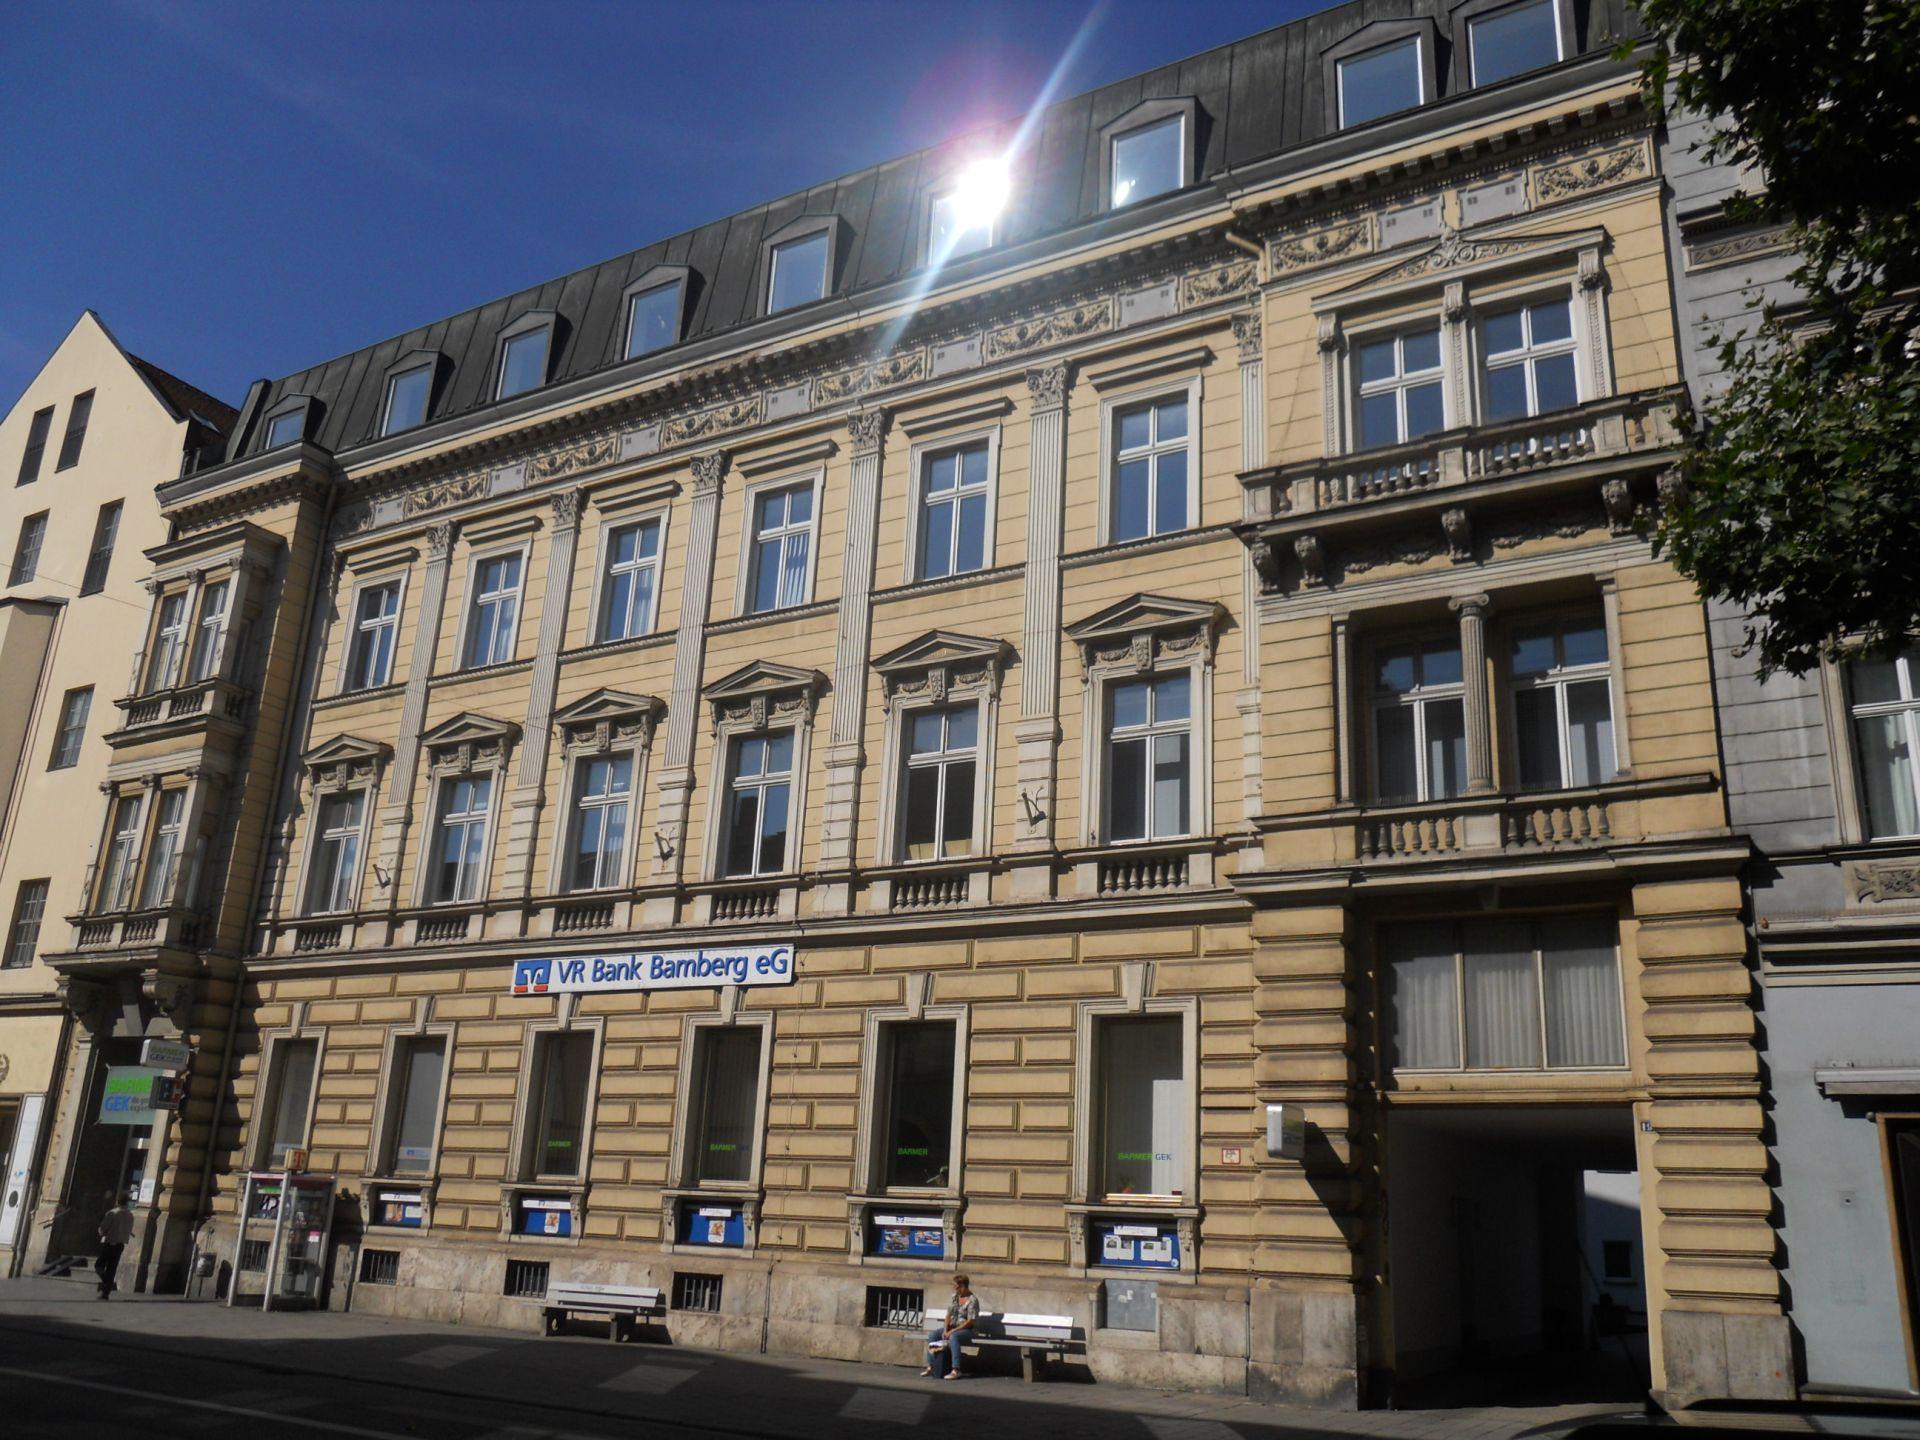 klappan-gruppe-luitpoldstraße-19-7